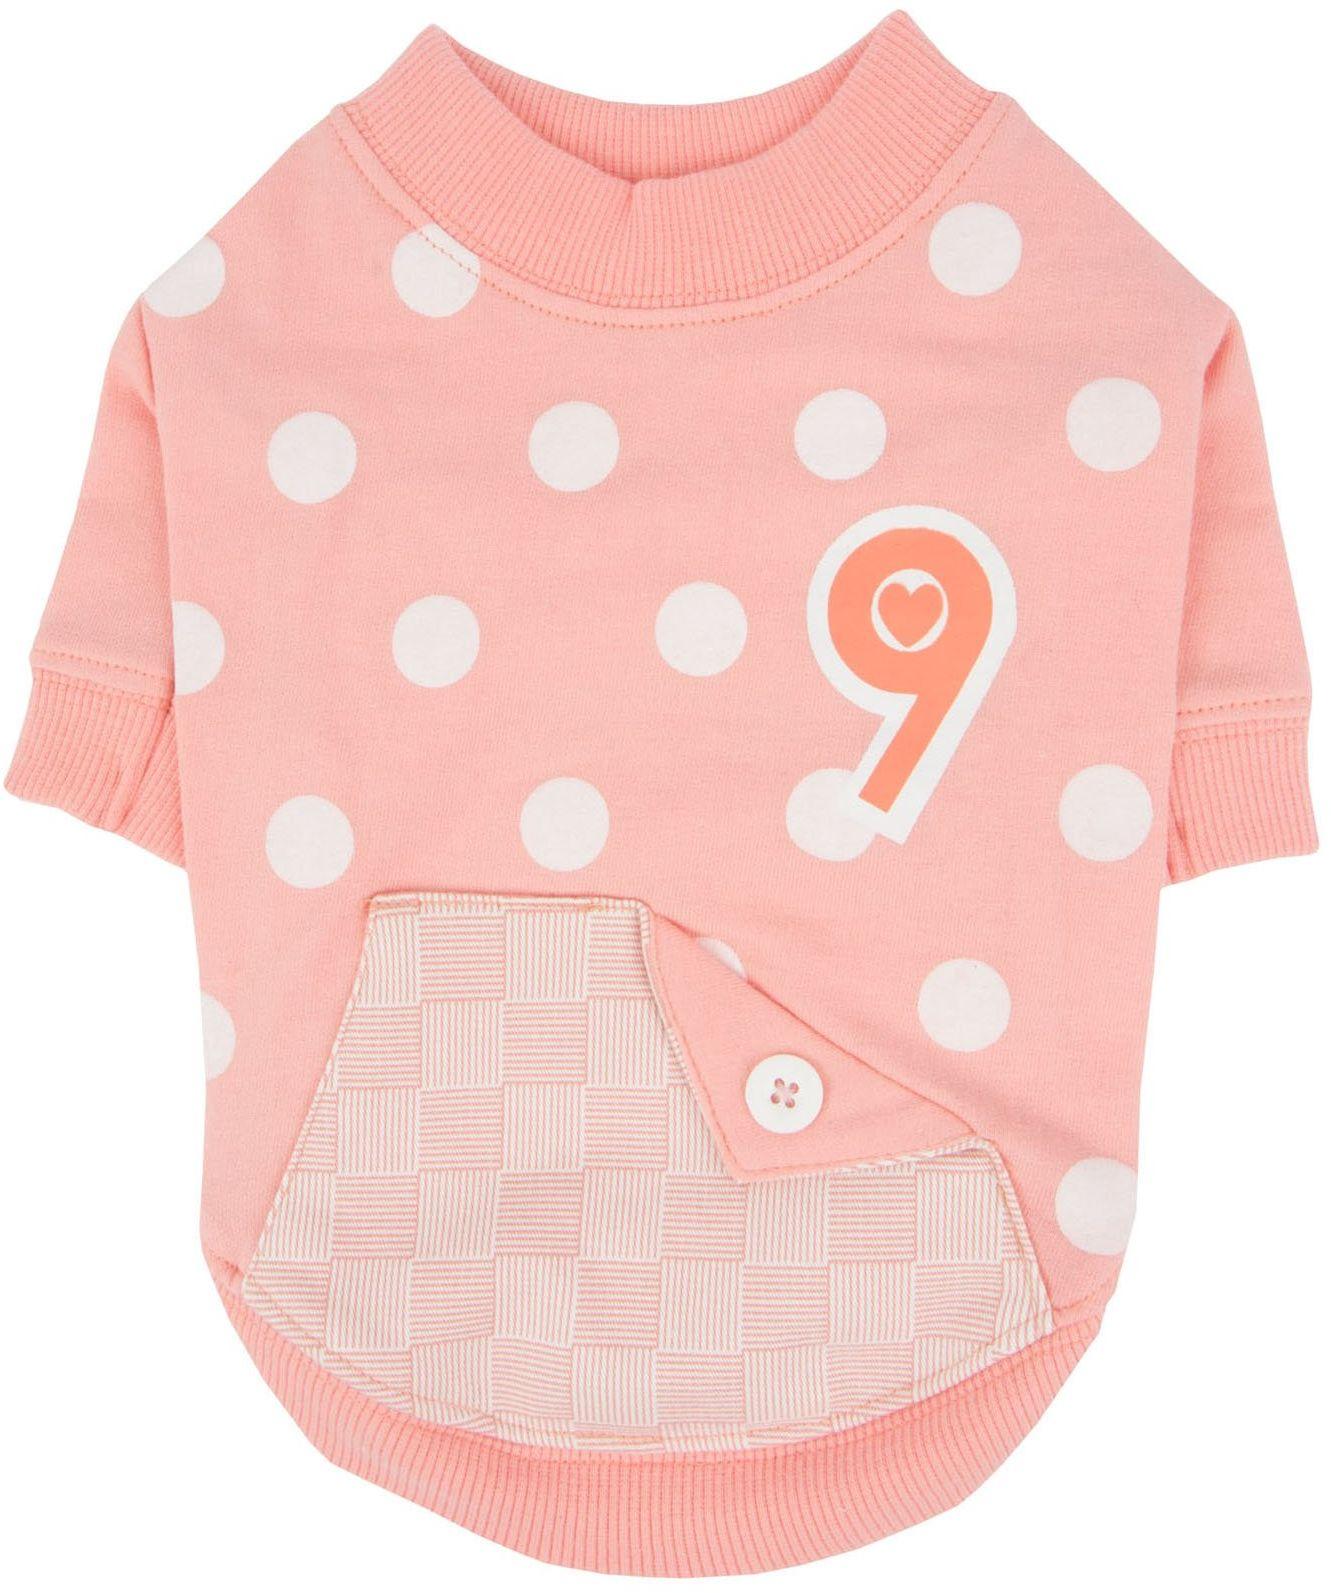 Pinkaholic New York NARA-TS7303-LE-L Lt.Peach Coco koszulki dla zwierząt domowych, duże